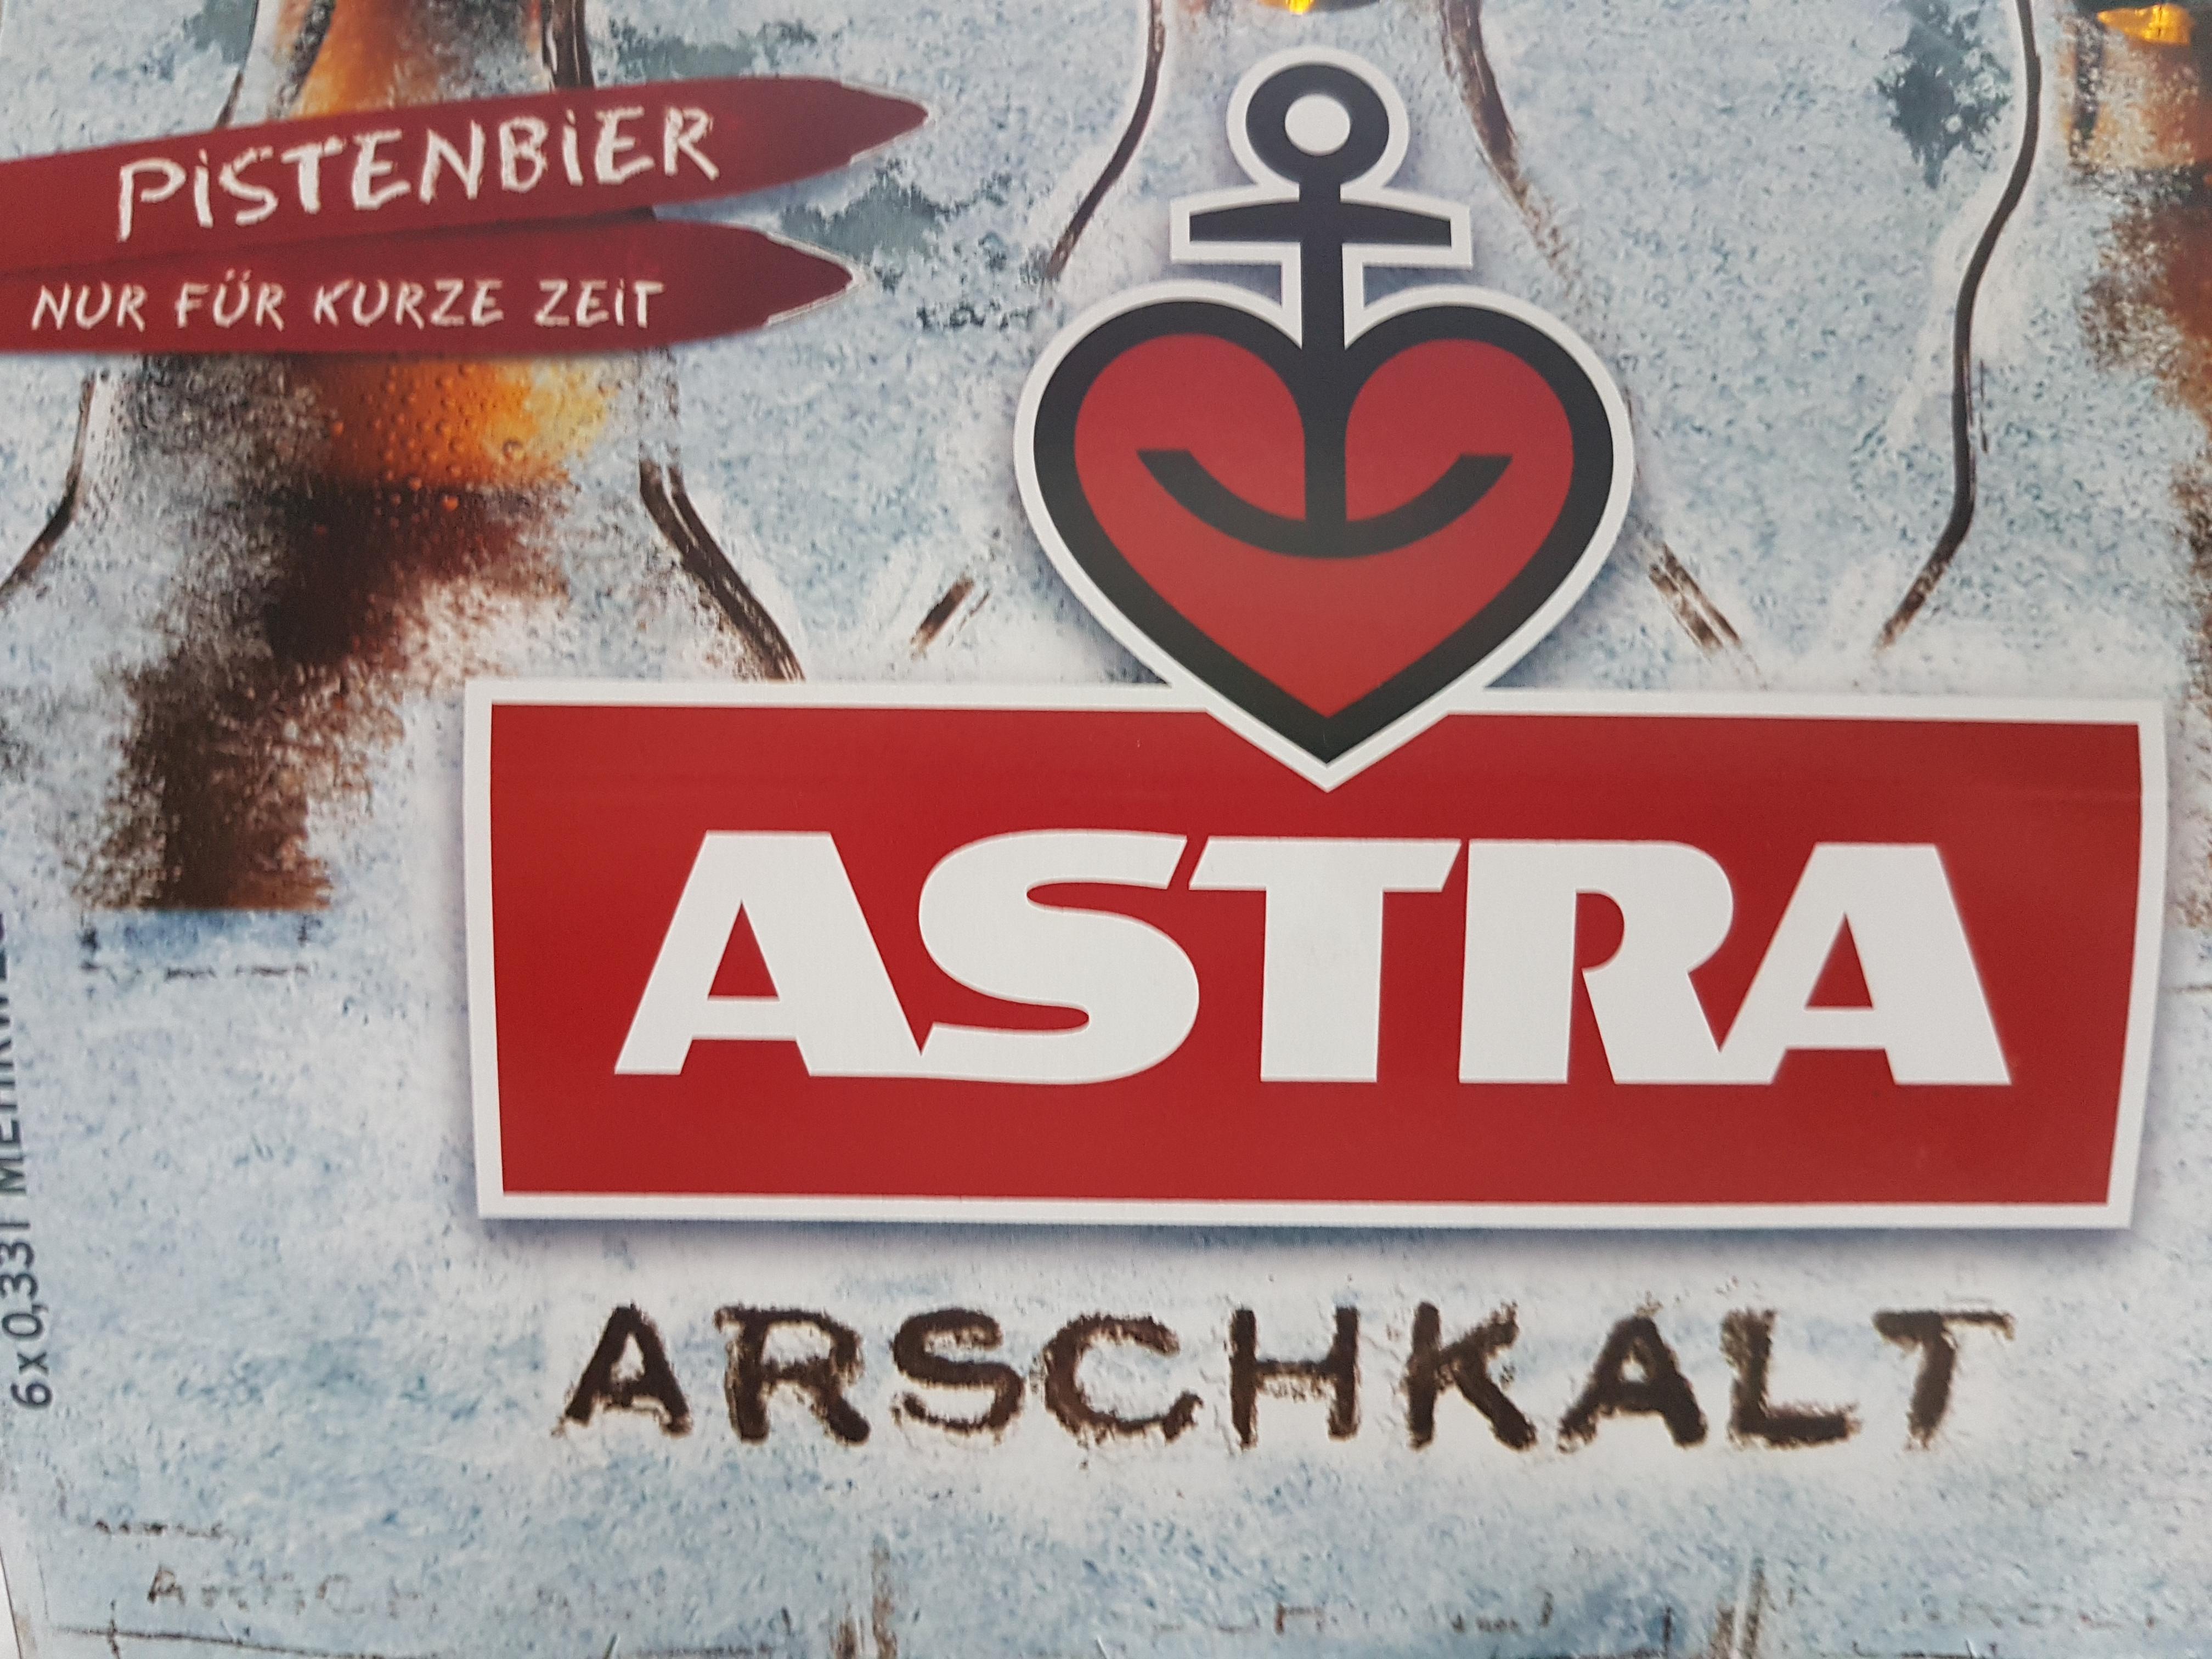 [Lokal] Neukirchen-Vluyn - Astra Arschkalt 6 Pack für 2,22Euro